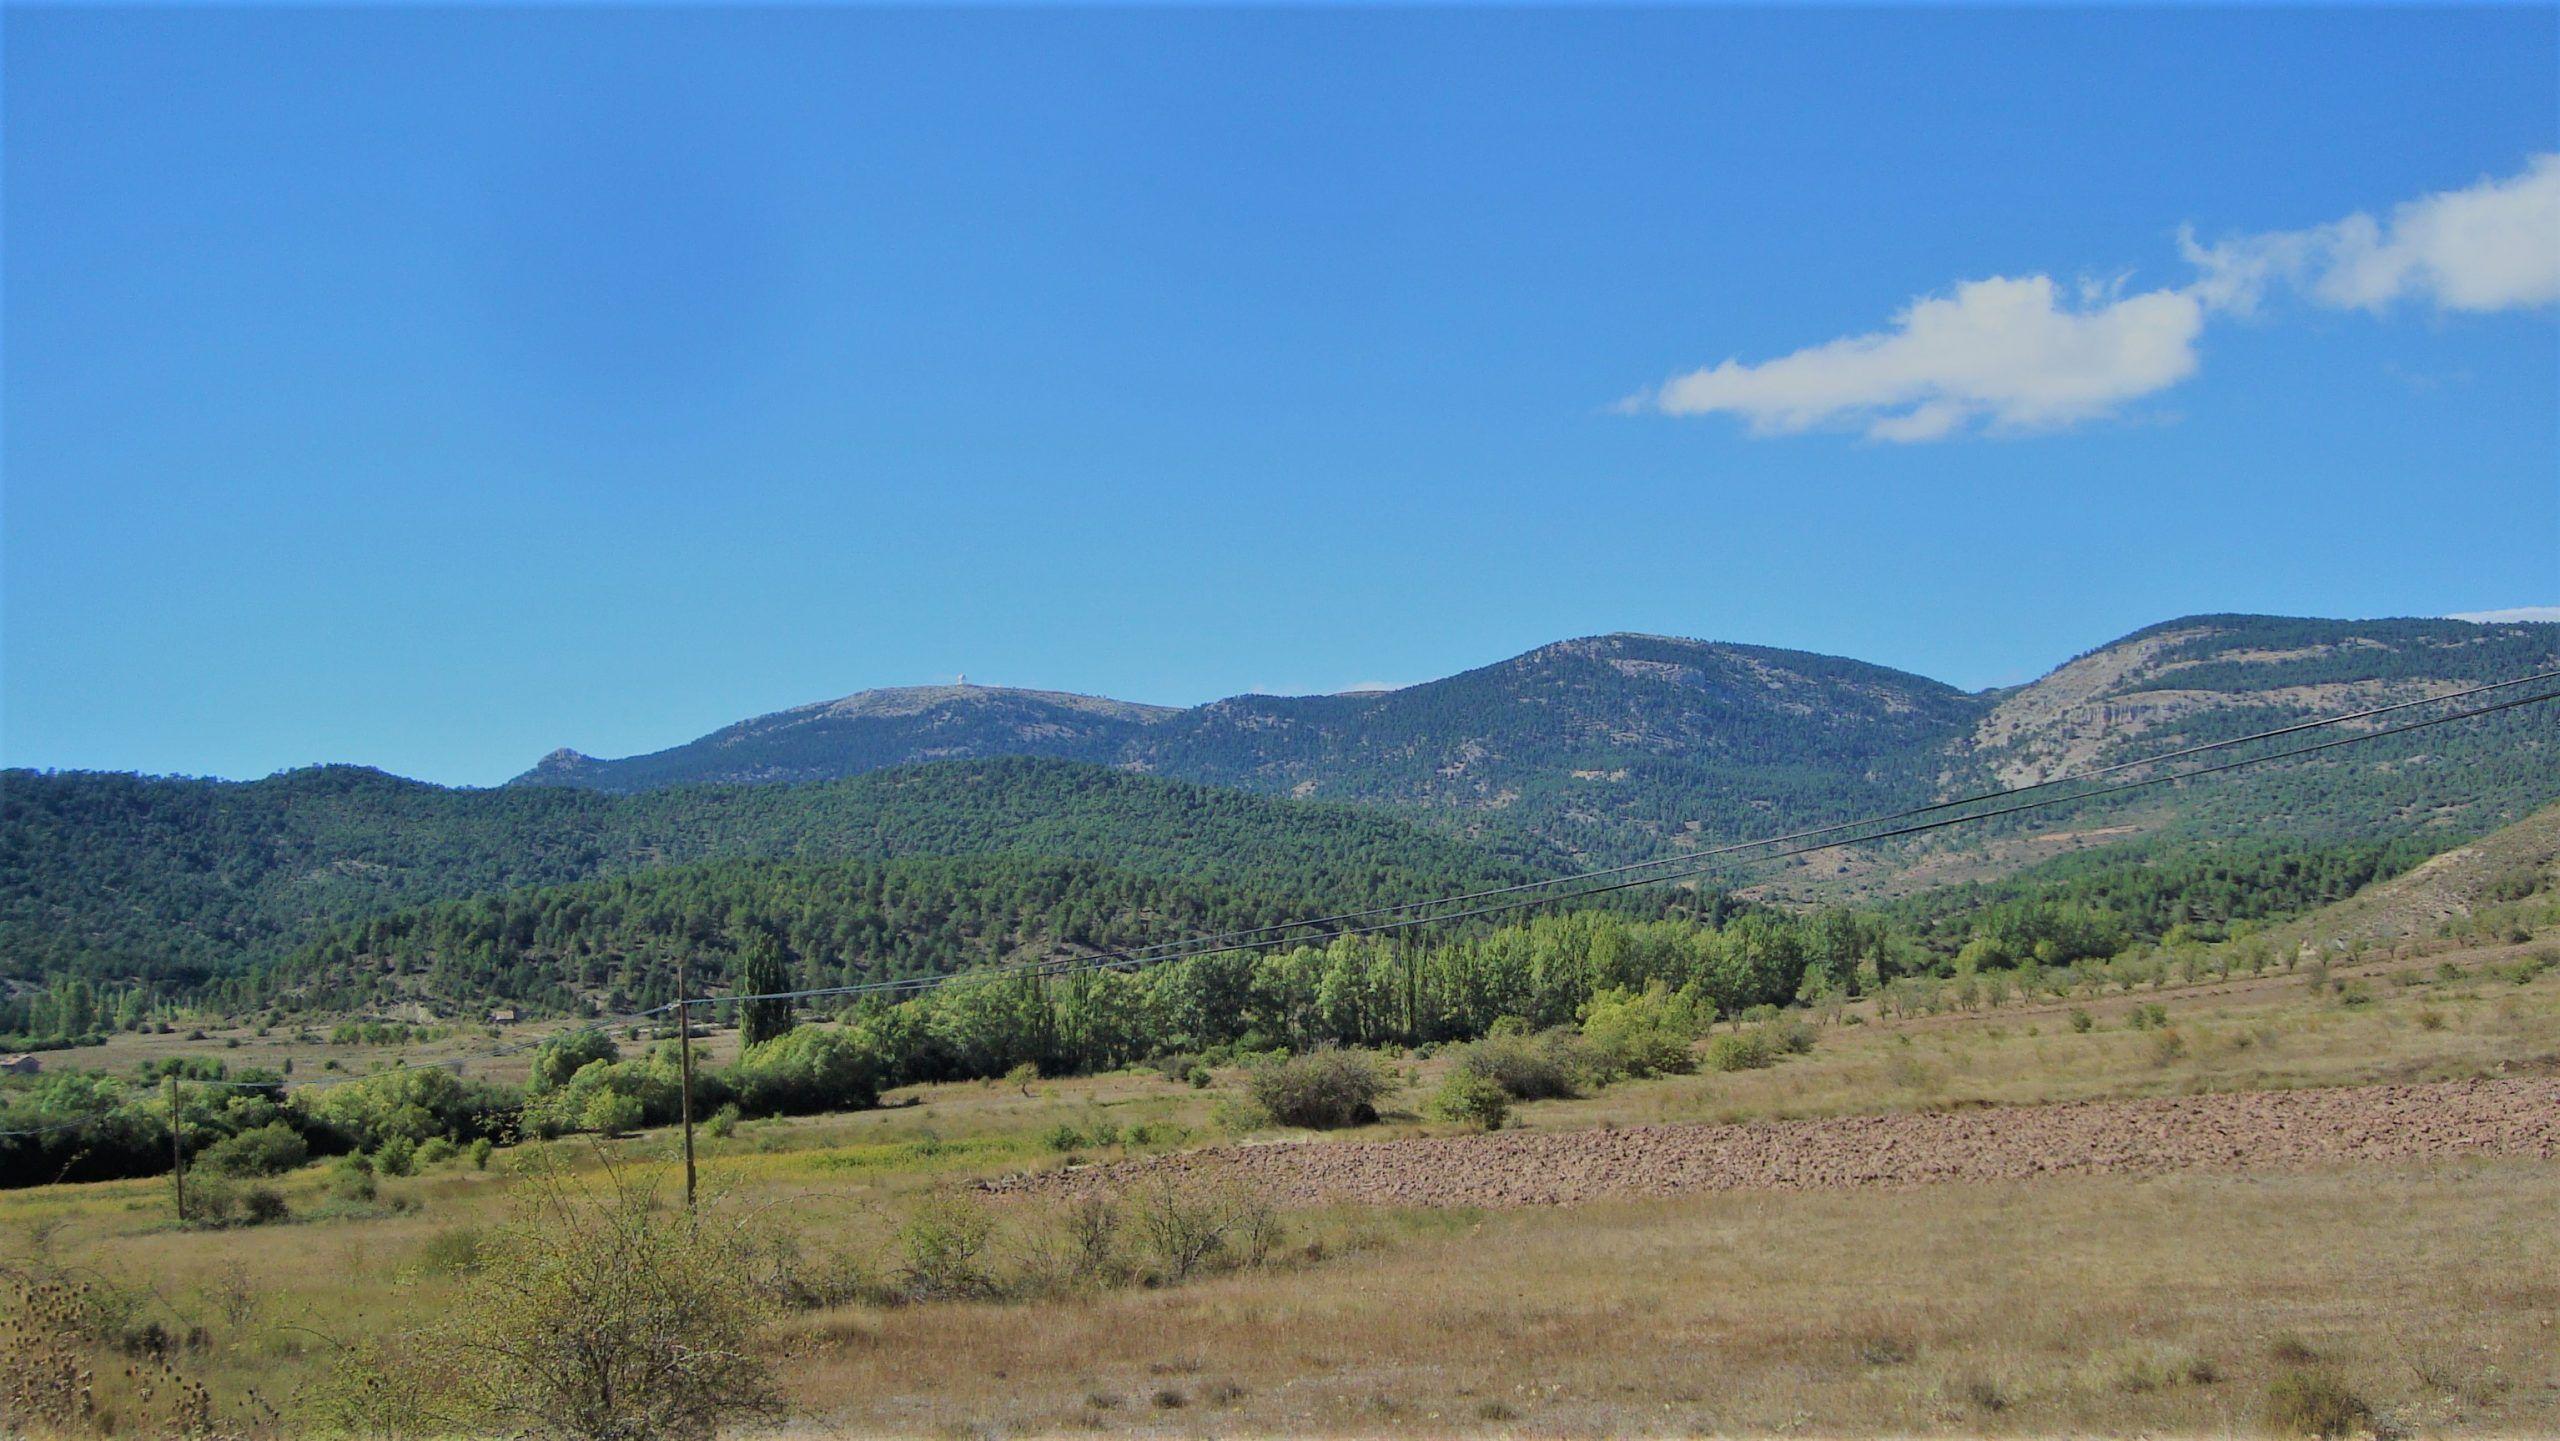 Sierra de Javalambre y Observatorio, Teruel